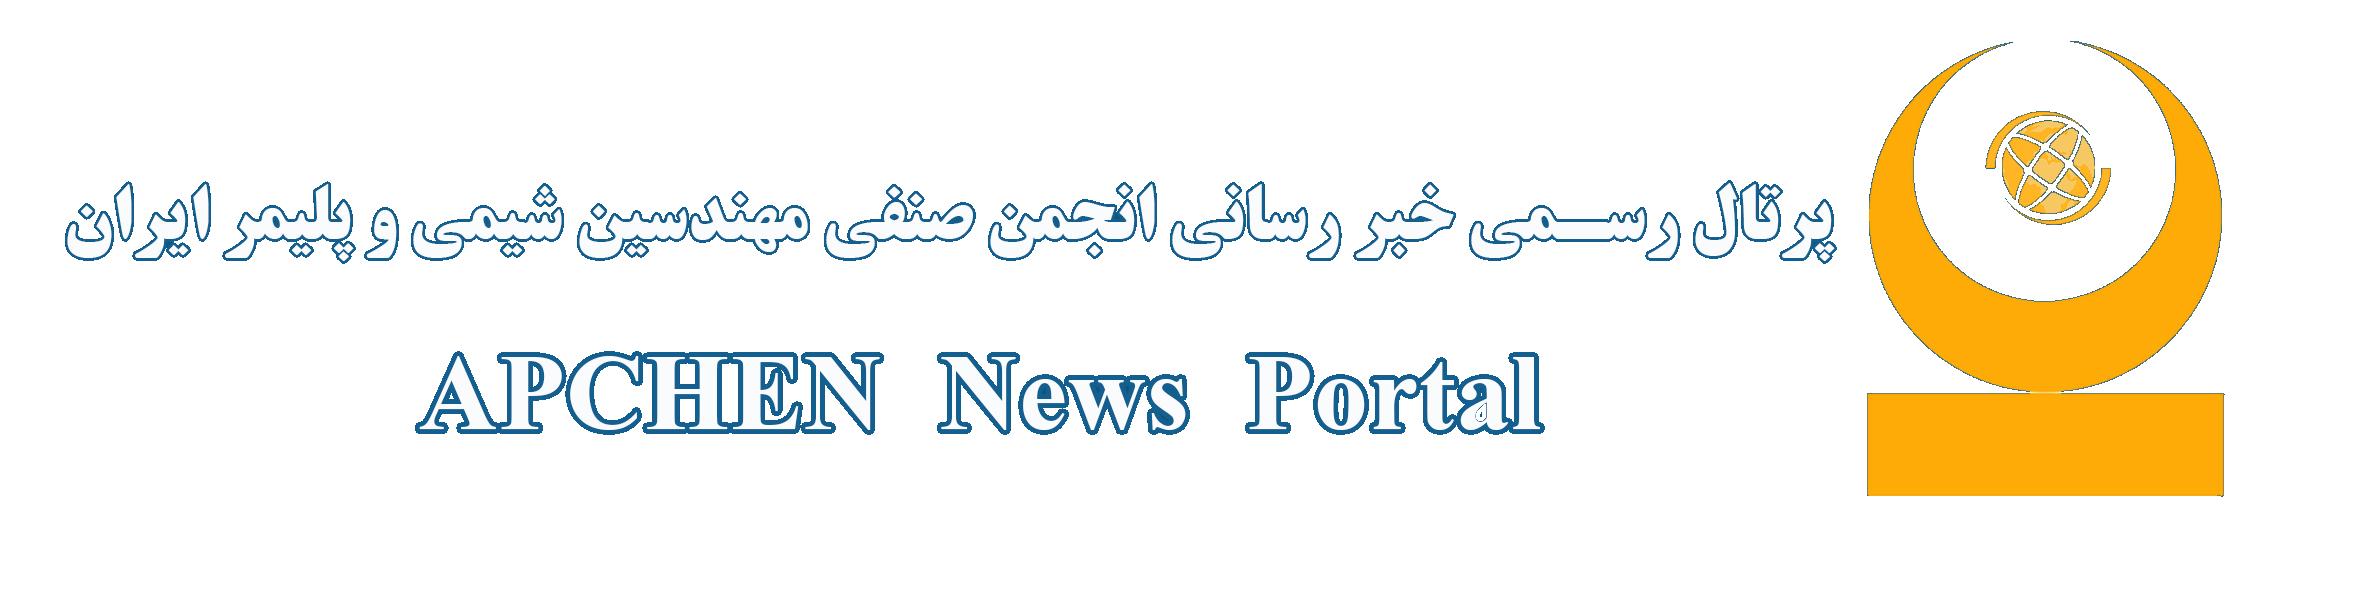 پرتال رسمی خبر رسانی انجمن صنفی مهندسین پلیمر و شیمی ایران